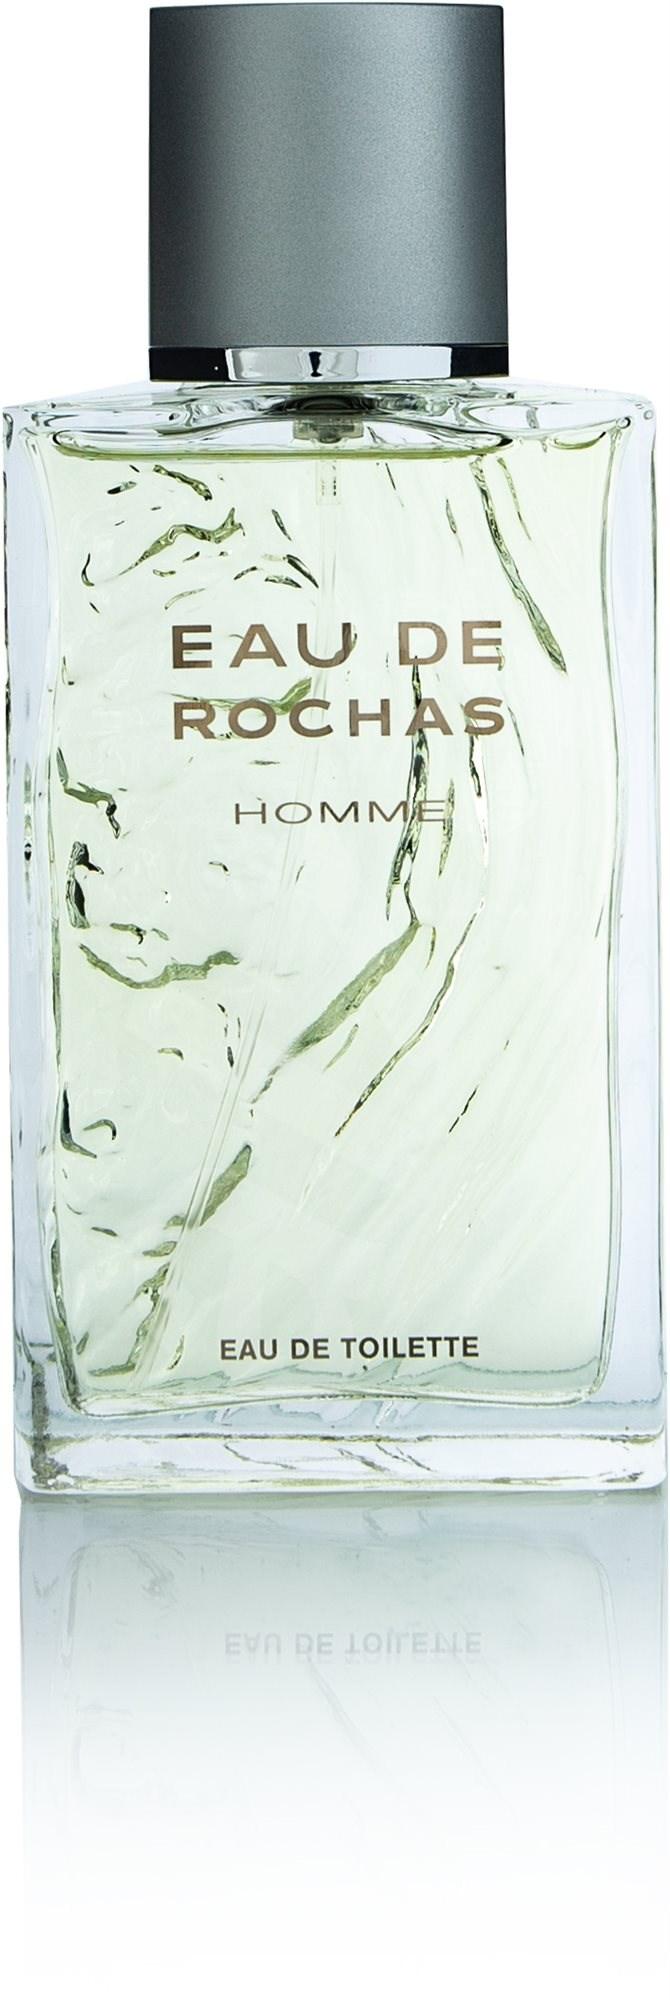 A Homme EdT 100 ml-es Eau de Rochas öntsük - Férfi toalettvíz